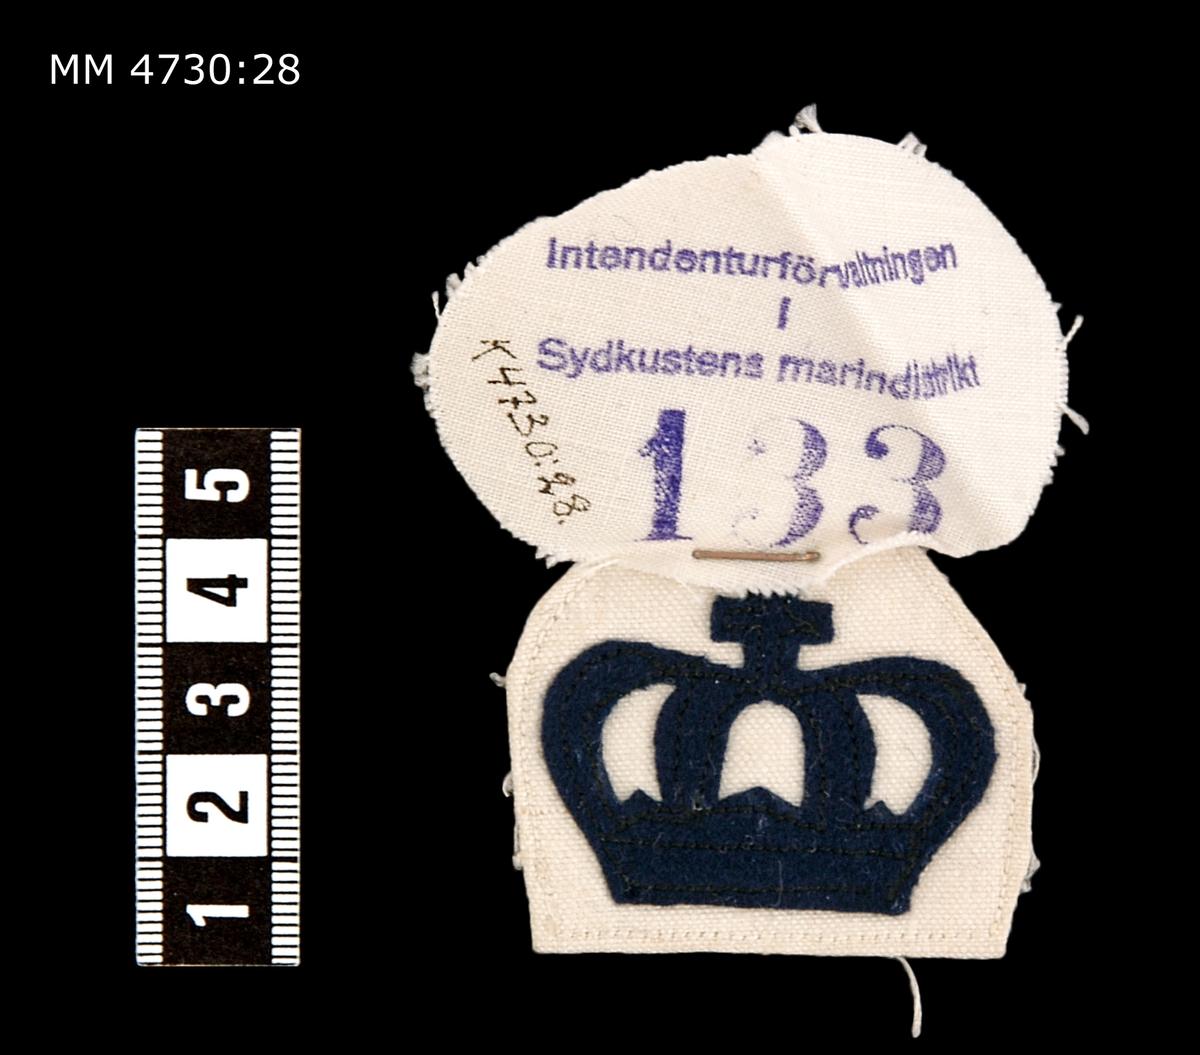 Yrkesbeteckning, krona. Av blått kläde på vit botten. För underofficerskorpral, senare flaggkorpral.